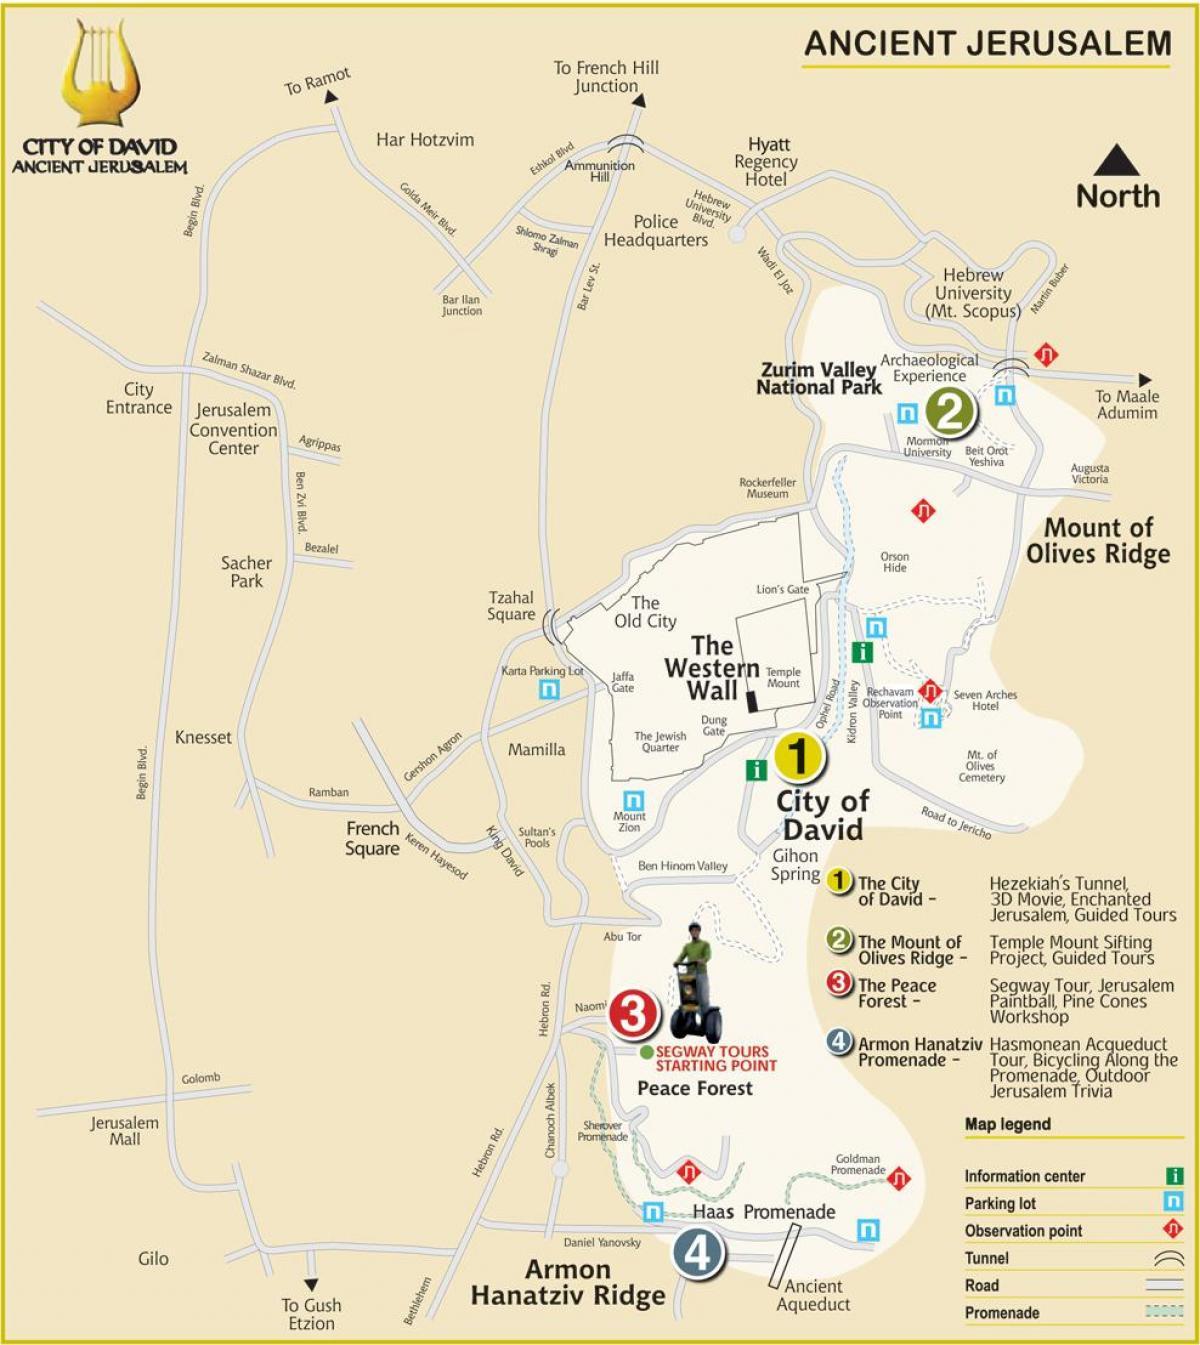 La ciudad de david mapa mapa de la ciudad de david israel mapa de la ciudad de david gumiabroncs Image collections